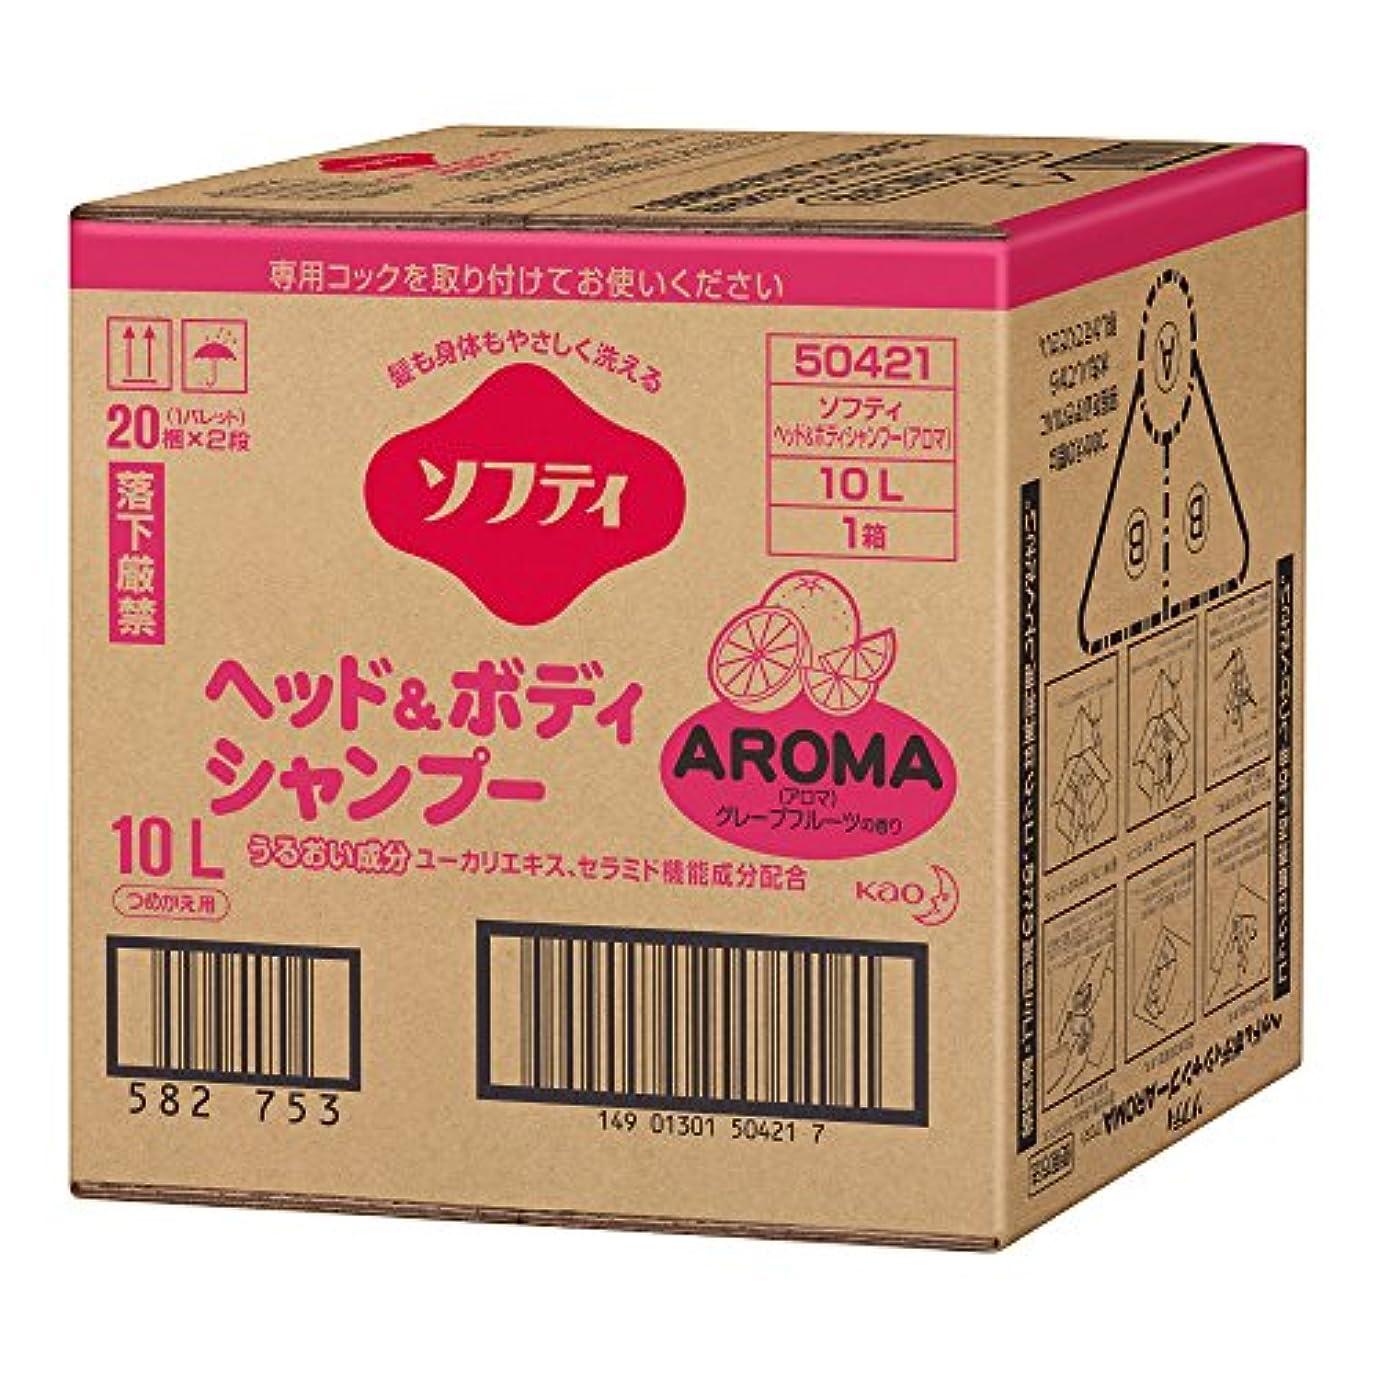 スーパーマーケットパステル問い合わせソフティ ヘッド&ボディシャンプーAROMA(アロマ) 10L バッグインボックスタイプ (花王プロフェッショナルシリーズ)